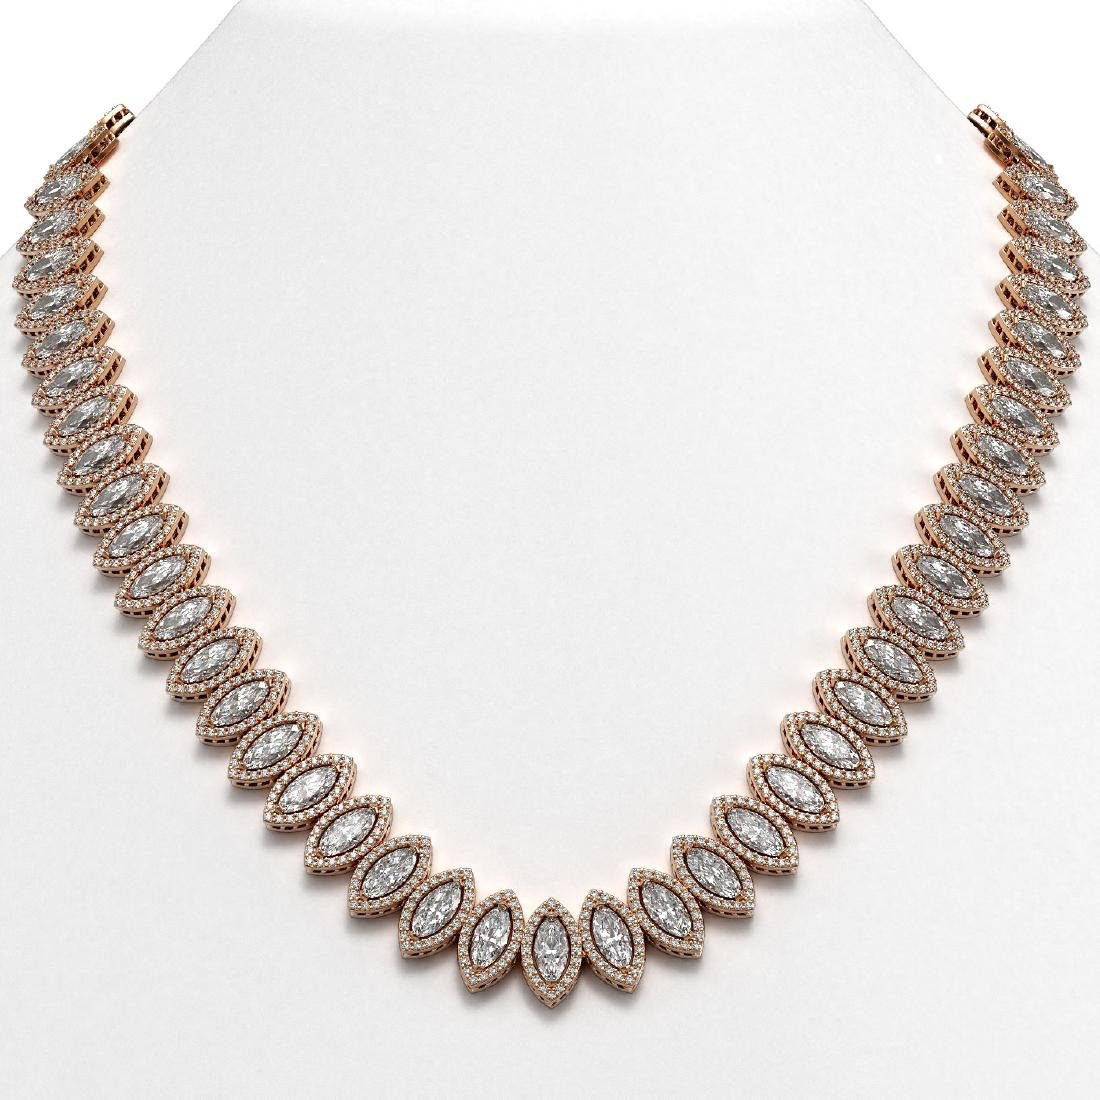 47.12 CTW Marquise Diamond Designer Necklace 18K Rose